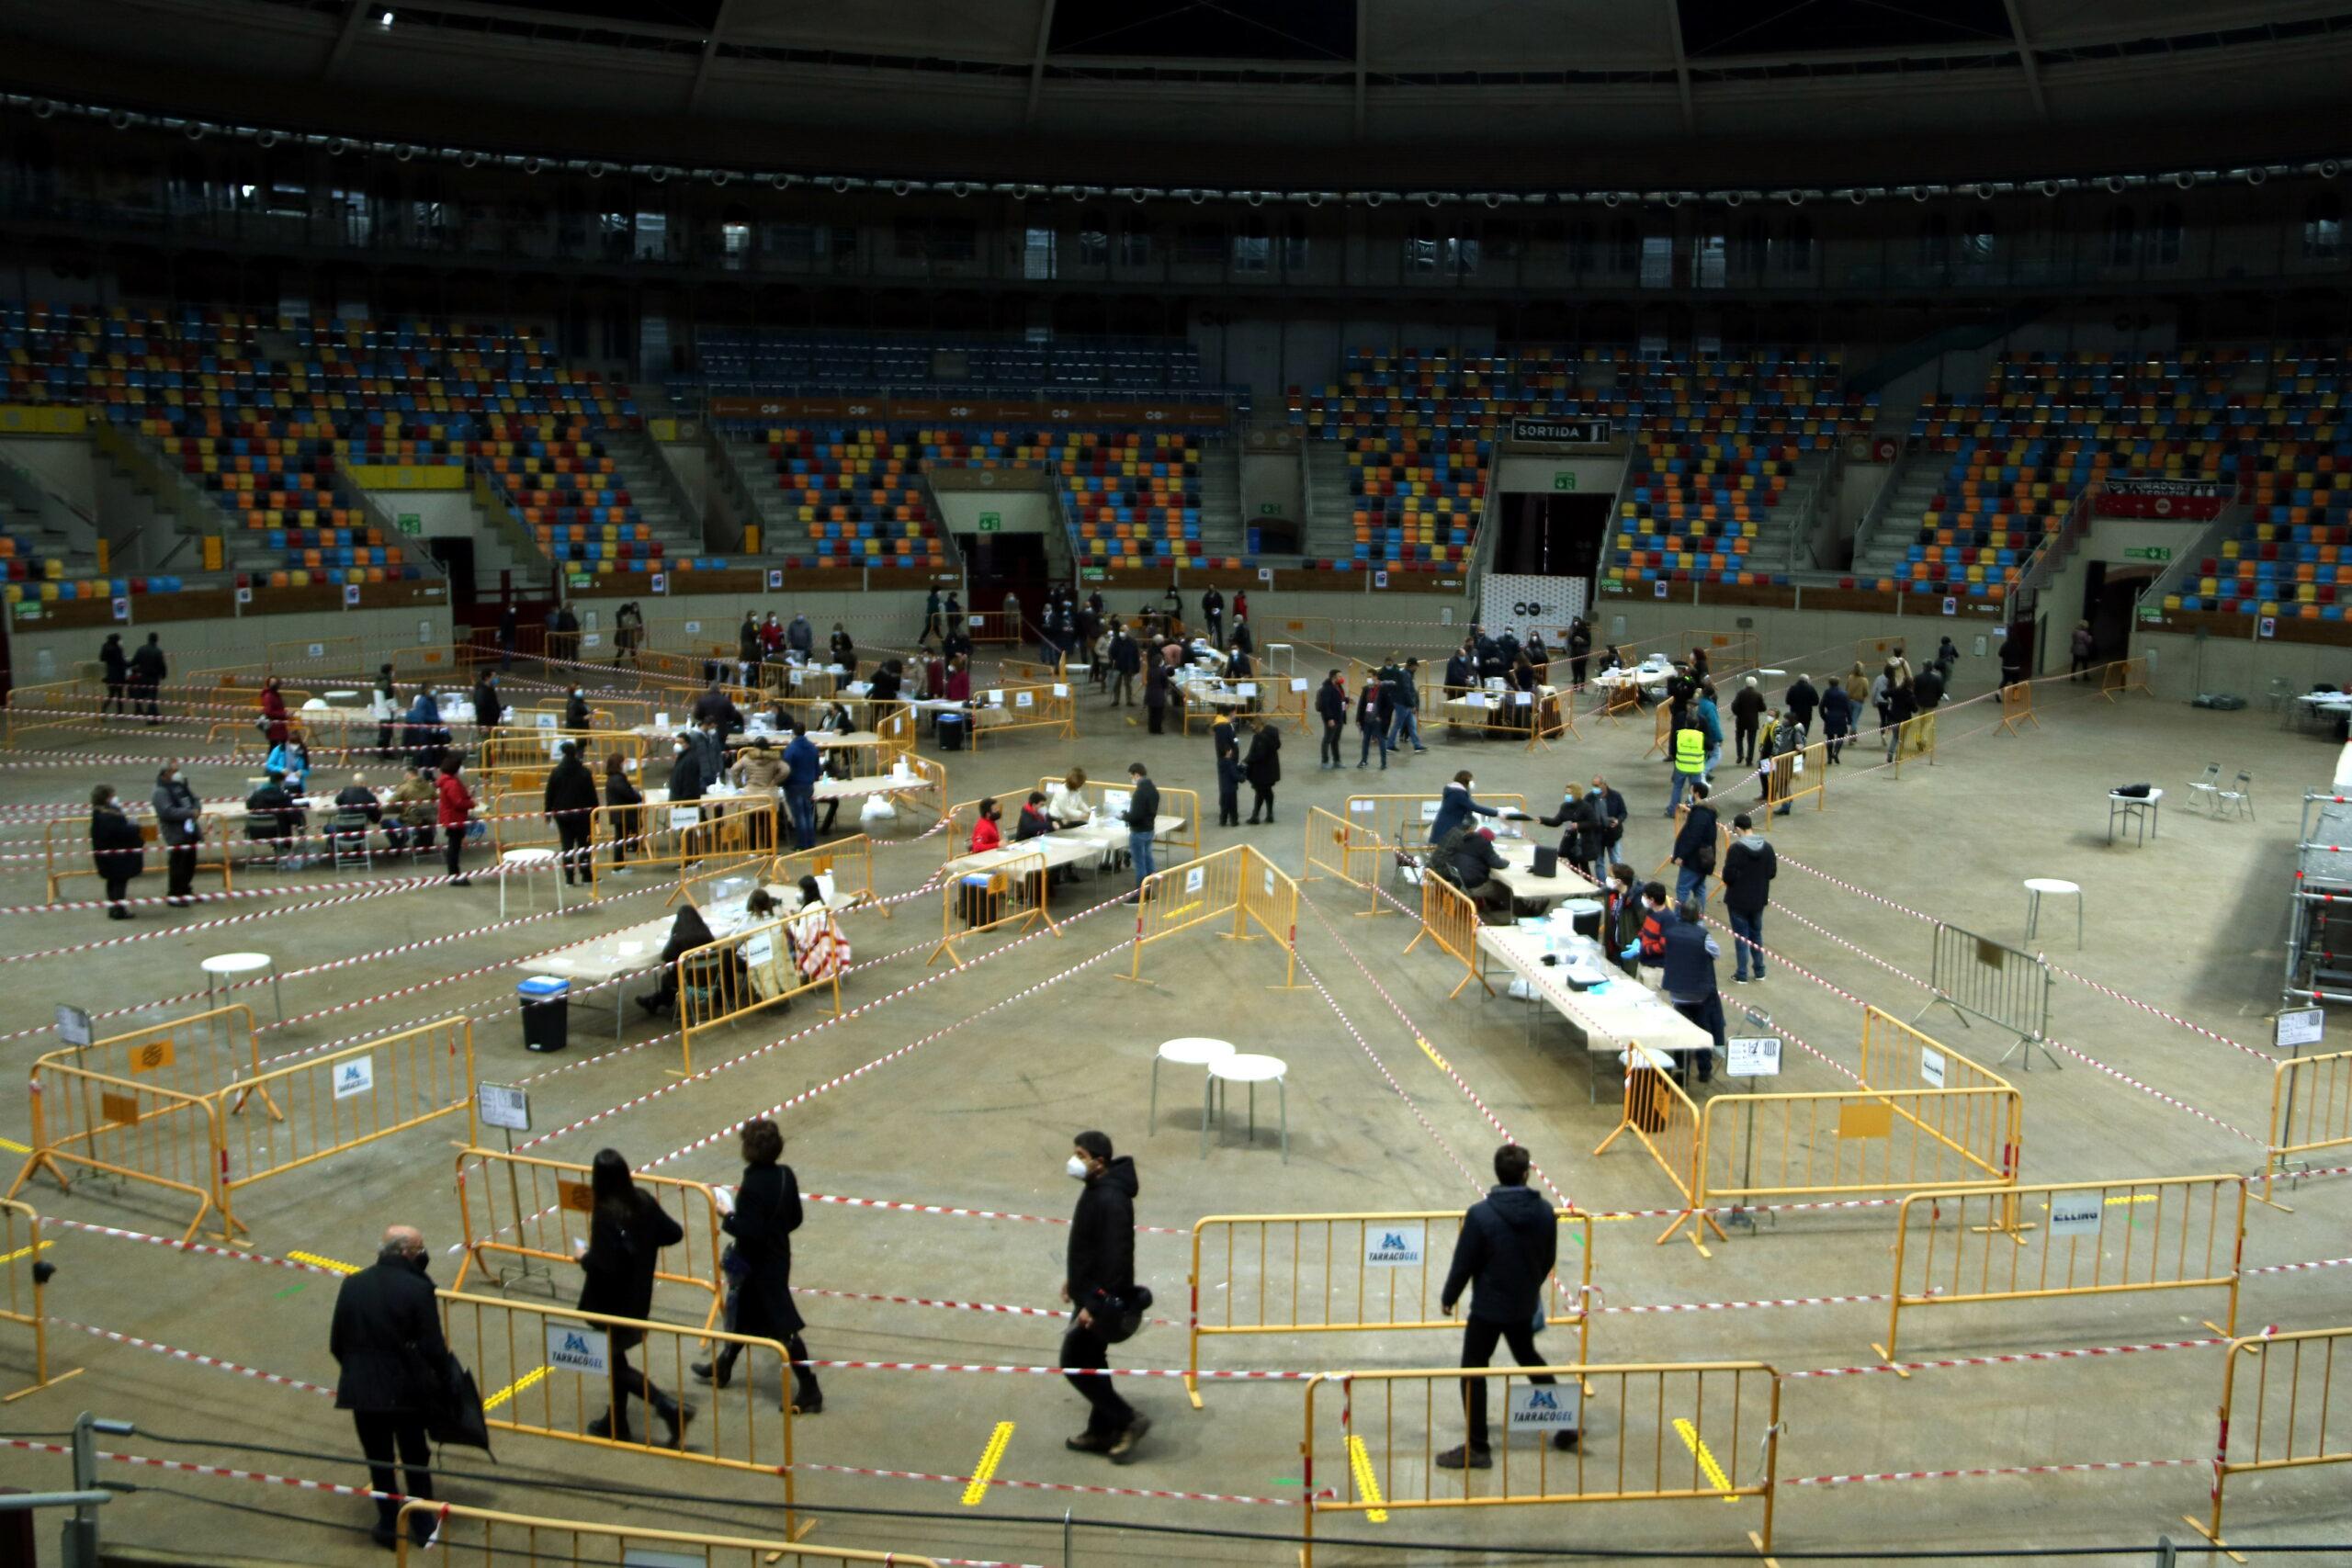 Pla general dels votants i les meses electorals del col·legi electoral de la Tàrraco Arena Plaça de Tarragona durant les primeres hores de la jornada electoral del 14-F. Imatge del 14 de febrer del 2021 / ACN